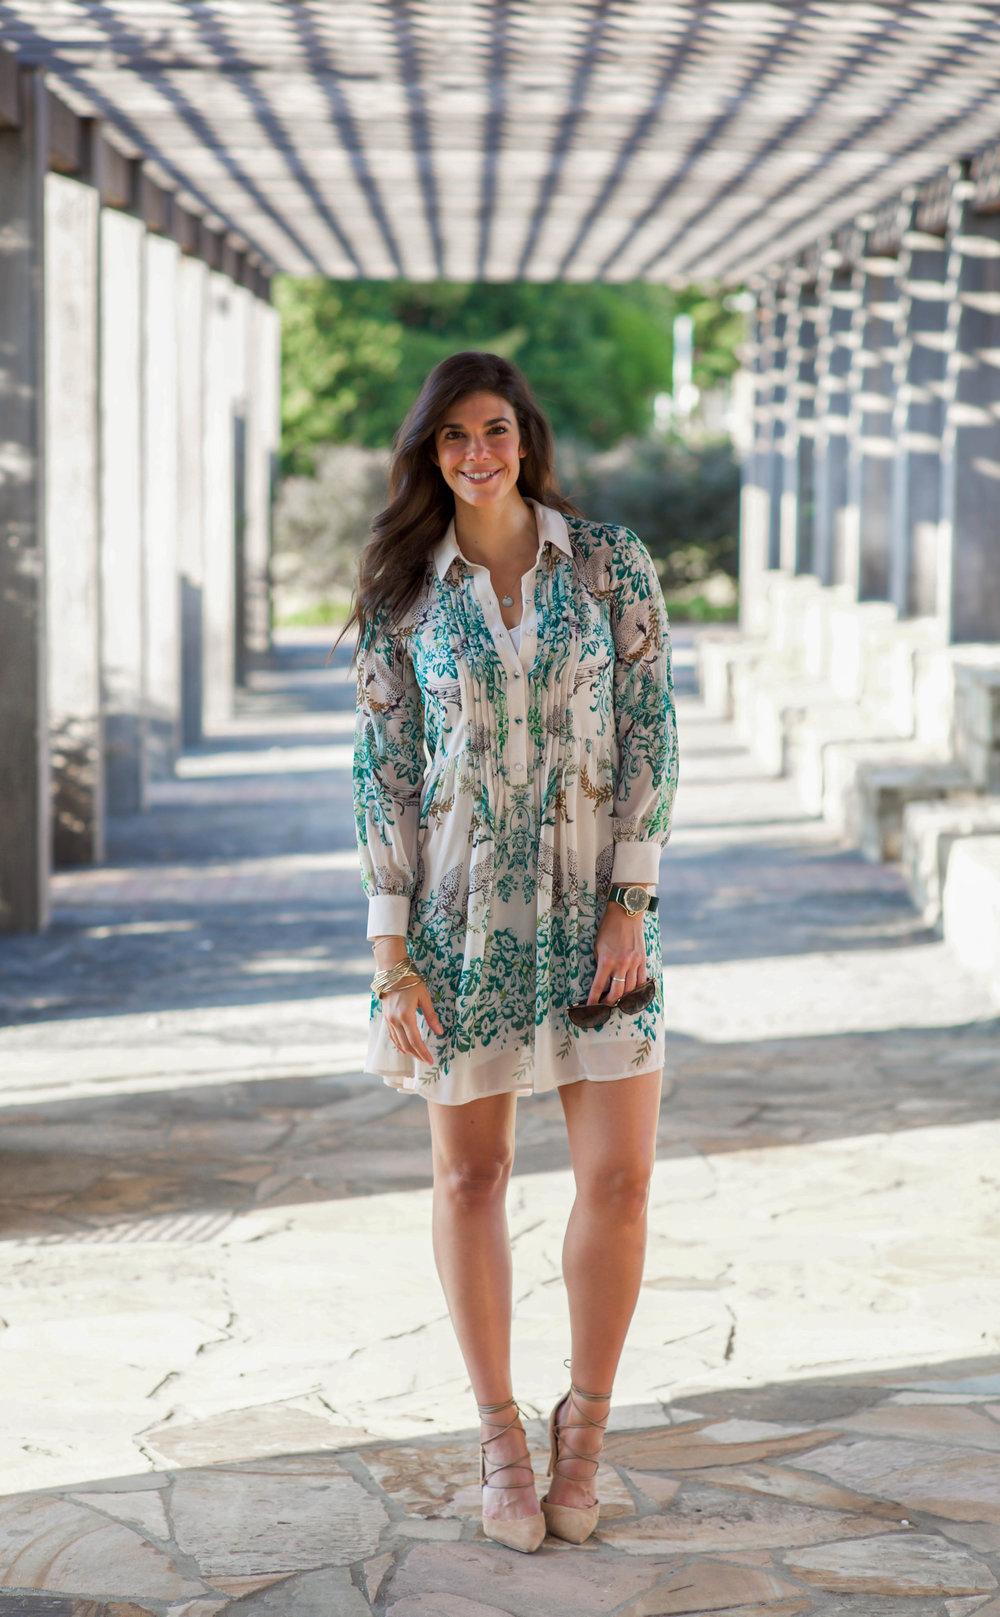 anthropologie-sophisticated-shirtdress-lauren-schwaiger-style-blog.jpg